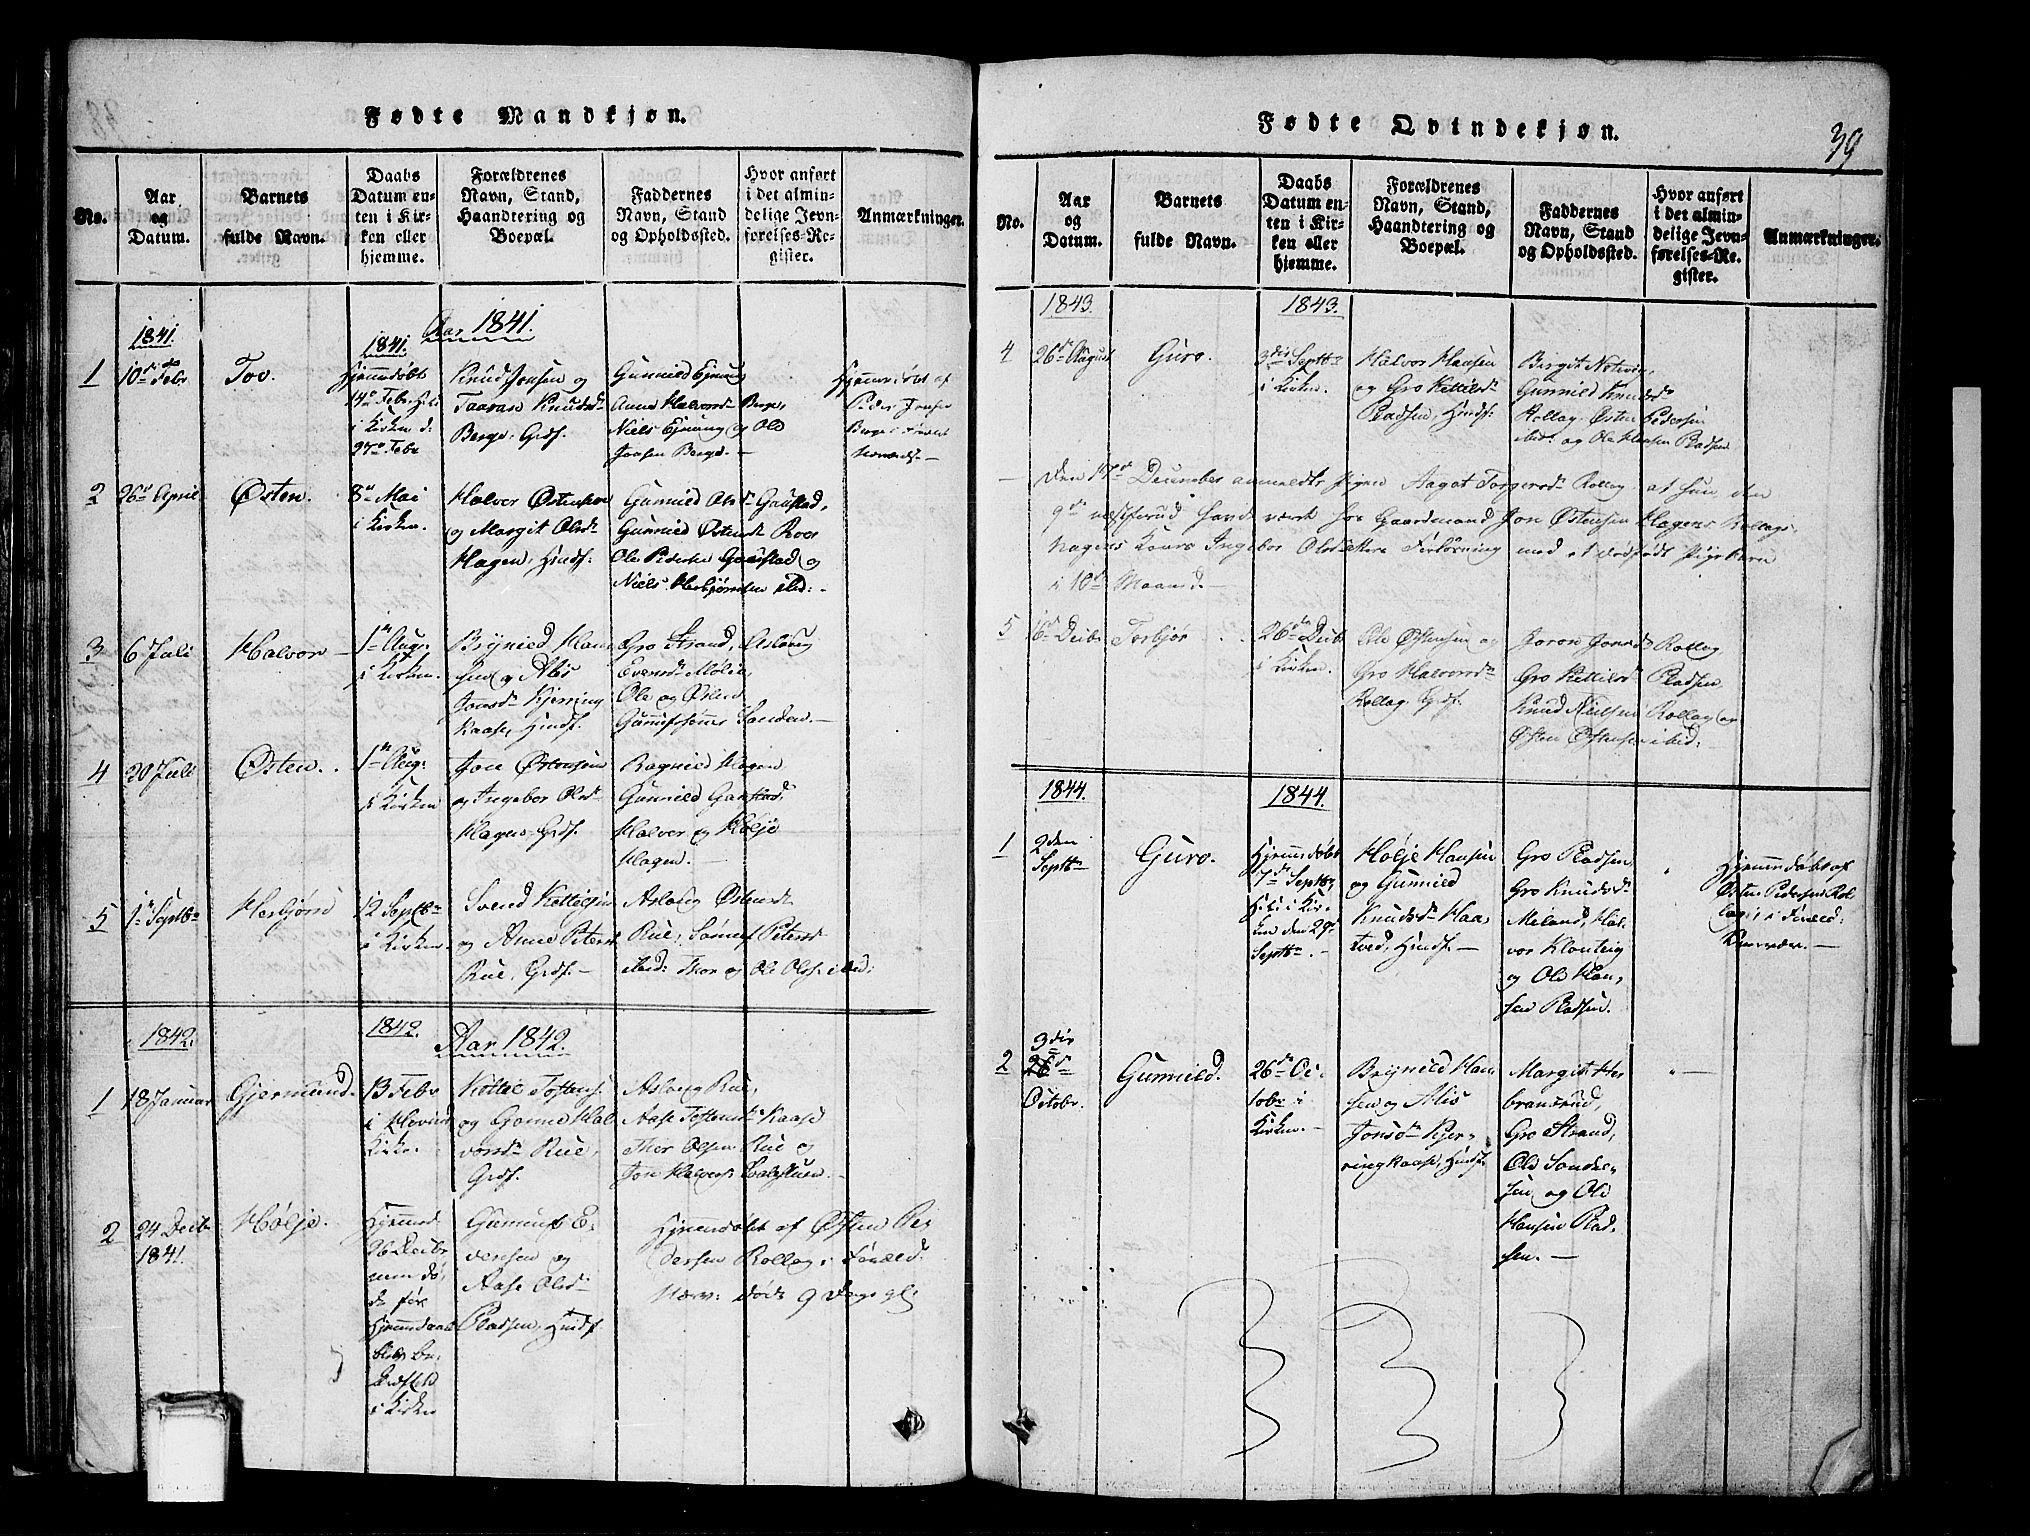 SAKO, Tinn kirkebøker, G/Gb/L0001: Klokkerbok nr. II 1 /1, 1815-1850, s. 39